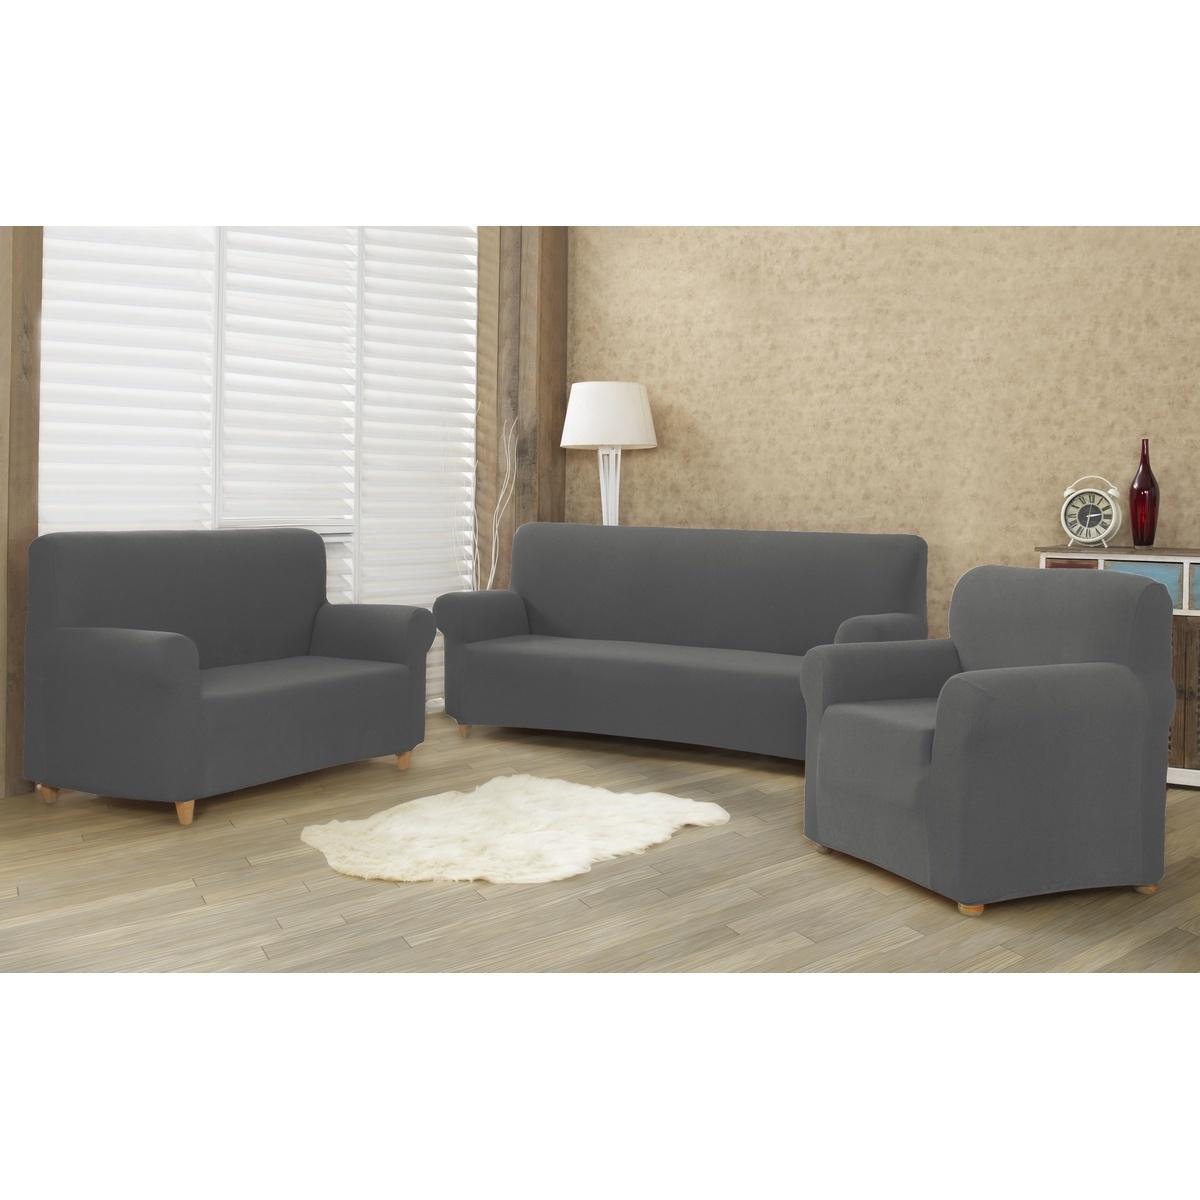 4Home Multielastyczny pokrowiec na fotel Comfort szary, 70 - 110 cm, 70 - 110 cm